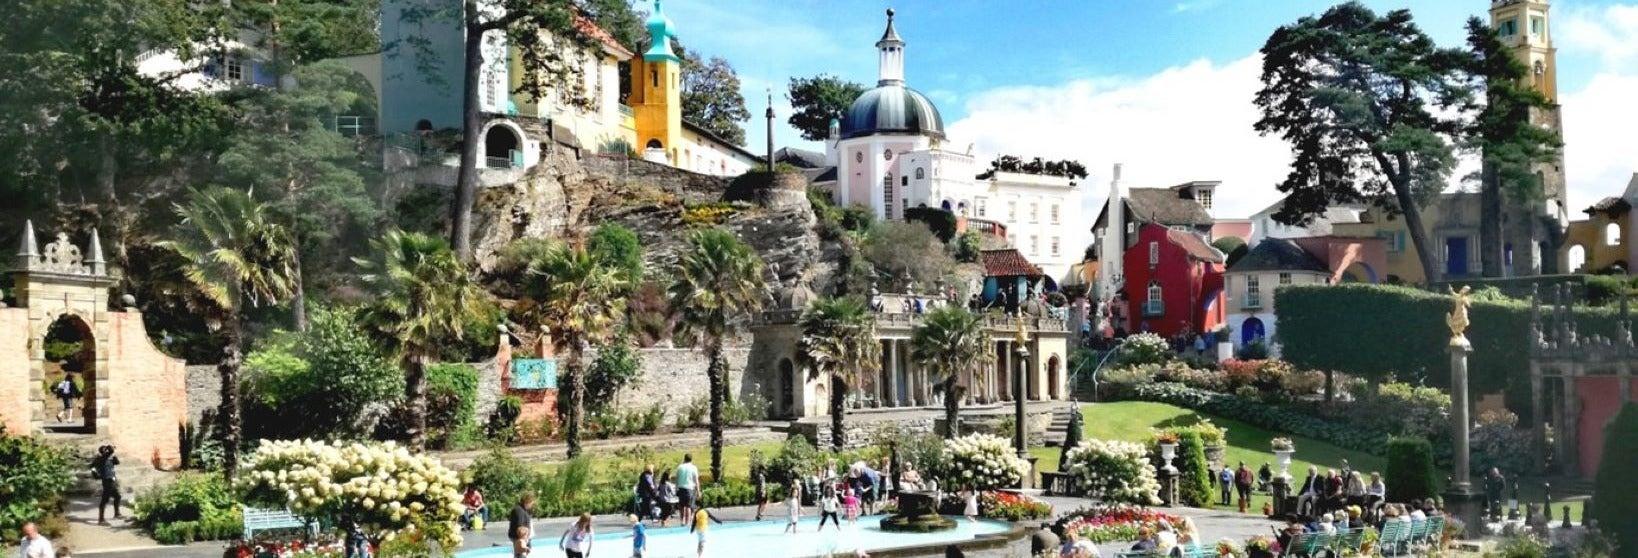 Excursão a Caernarfon, Portmeiron e Parque Nacional Snowdonia